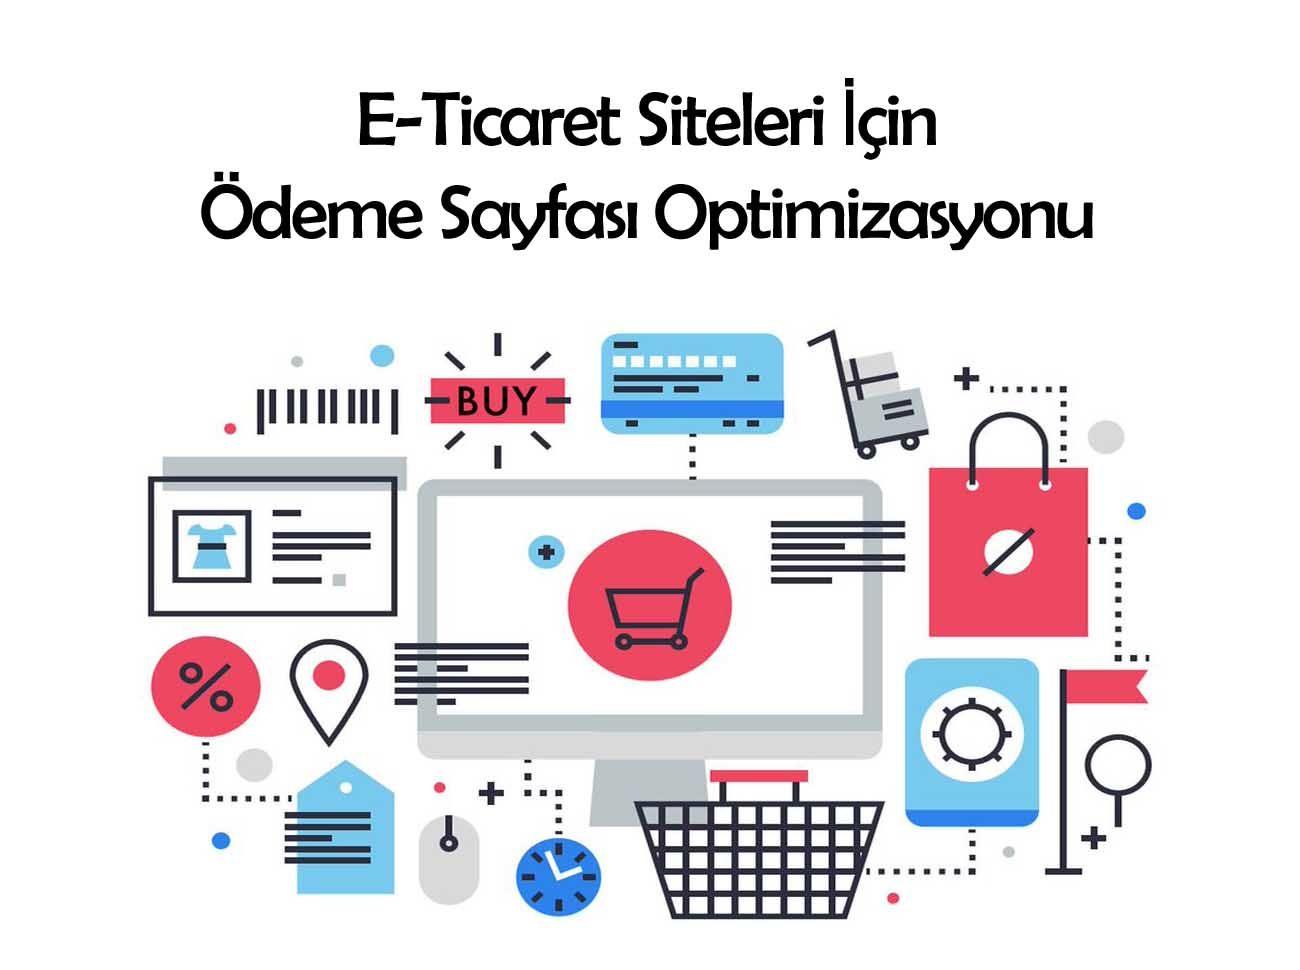 E-Ticaret Siteleri İçin Ödeme Sayfası Optimizasyonu